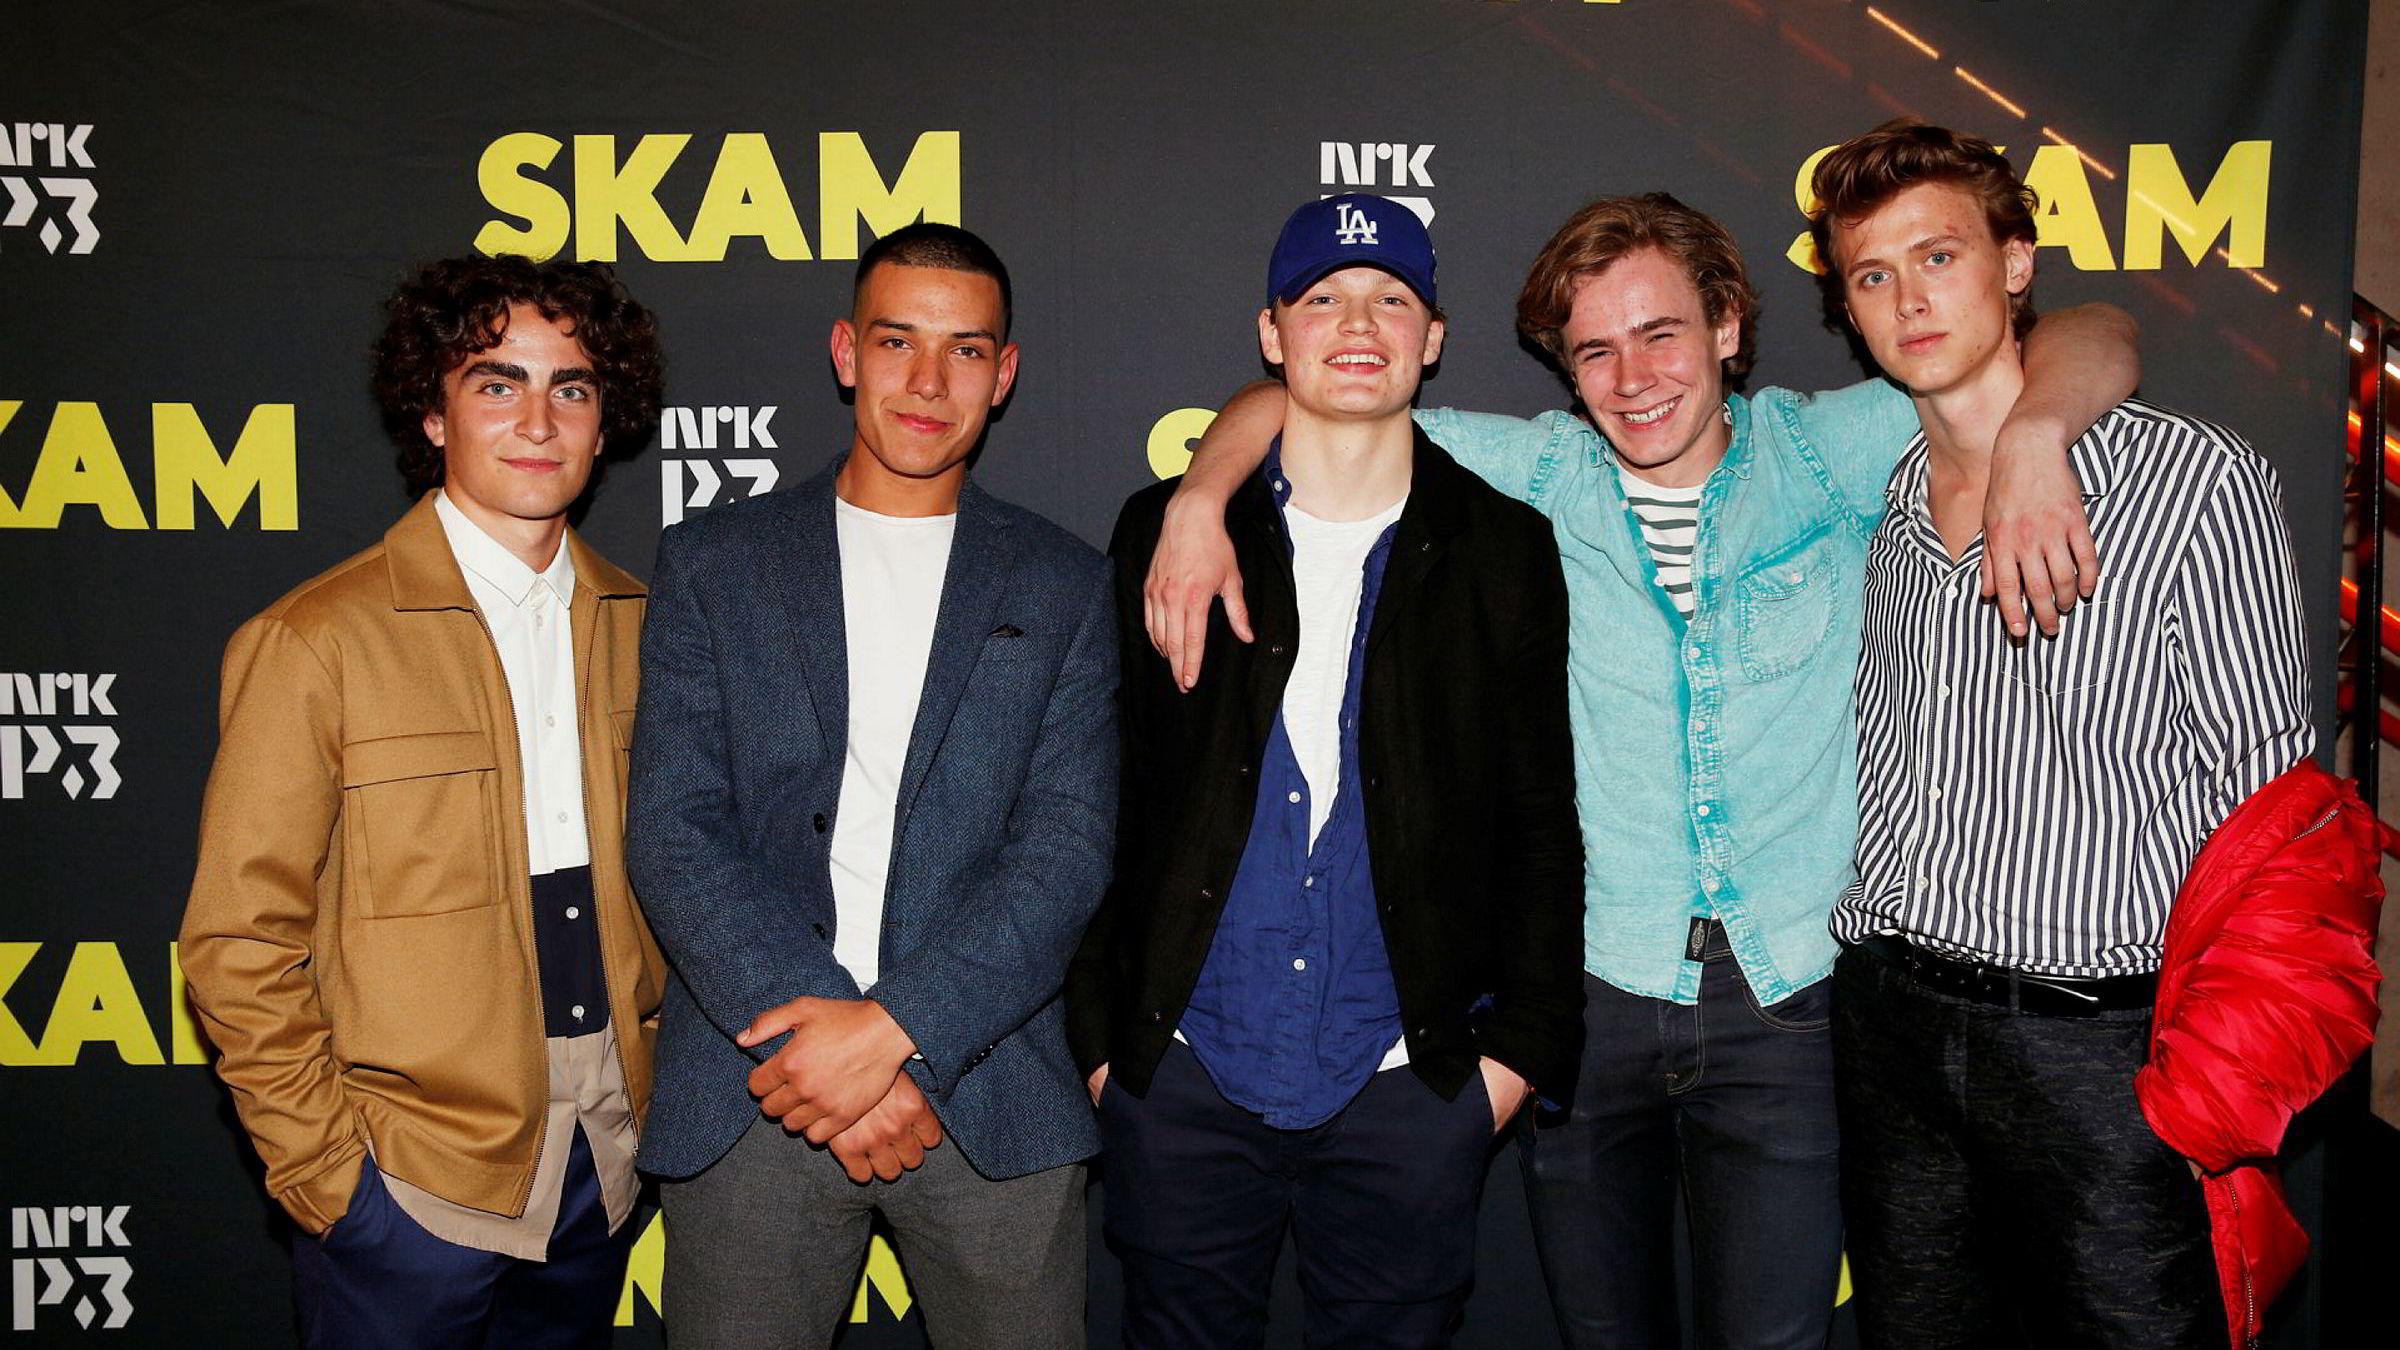 Skuespillerene i tv-serien «Skam» kler seg ikke i Moods of Norways ruter og rosafarver. Fra venstre, Jonas (Marlon Langeland), Elias, (Elias Selhi) Magnus (David Sjøholt), Isak (Tarjai Sandvik Moe) og Even (Henrik Holm).